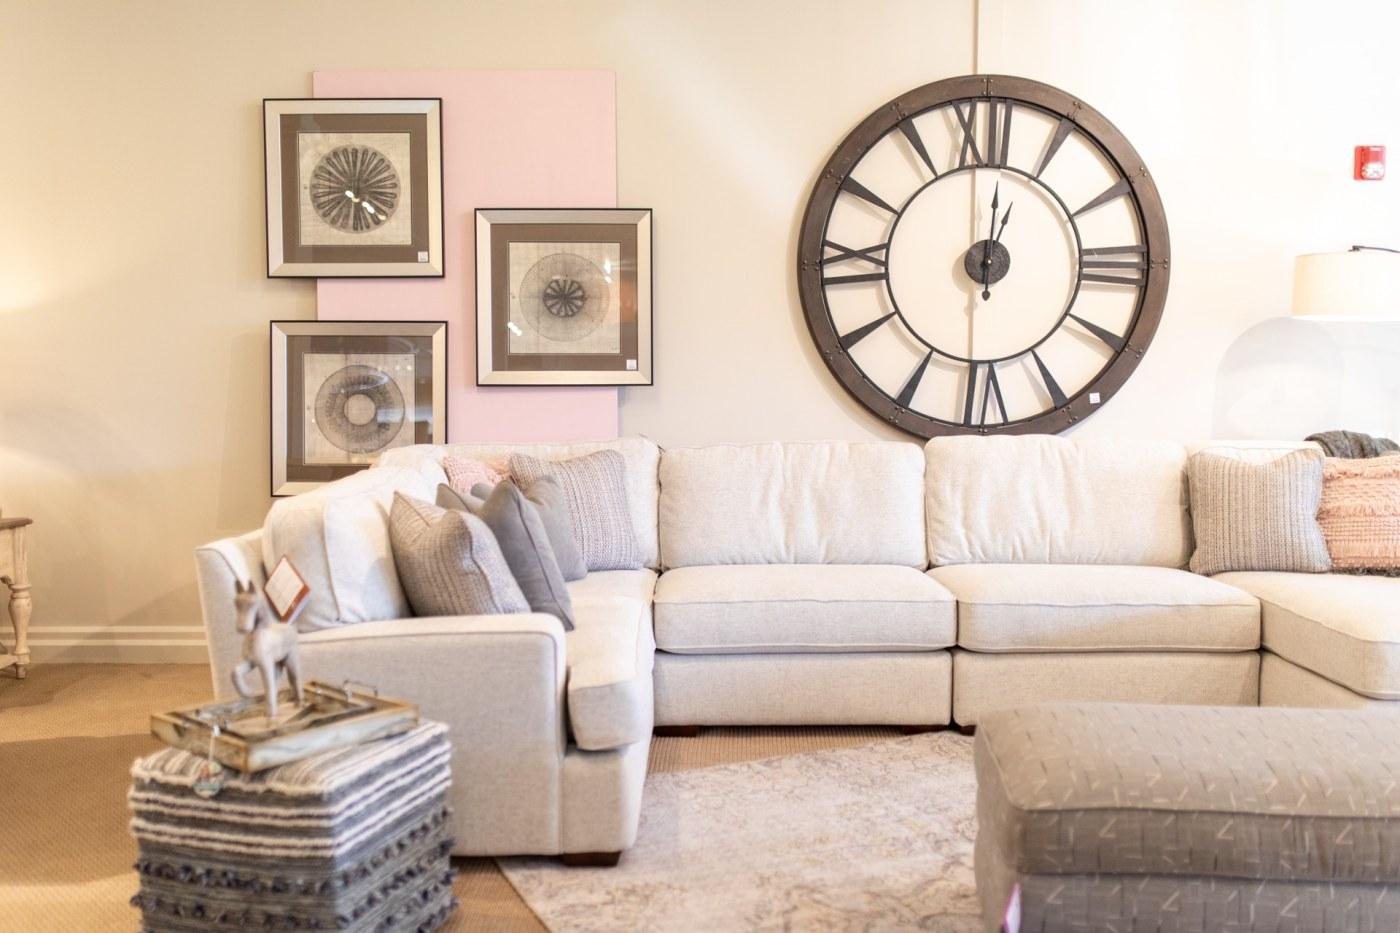 La-Z-Boy sofa furniture